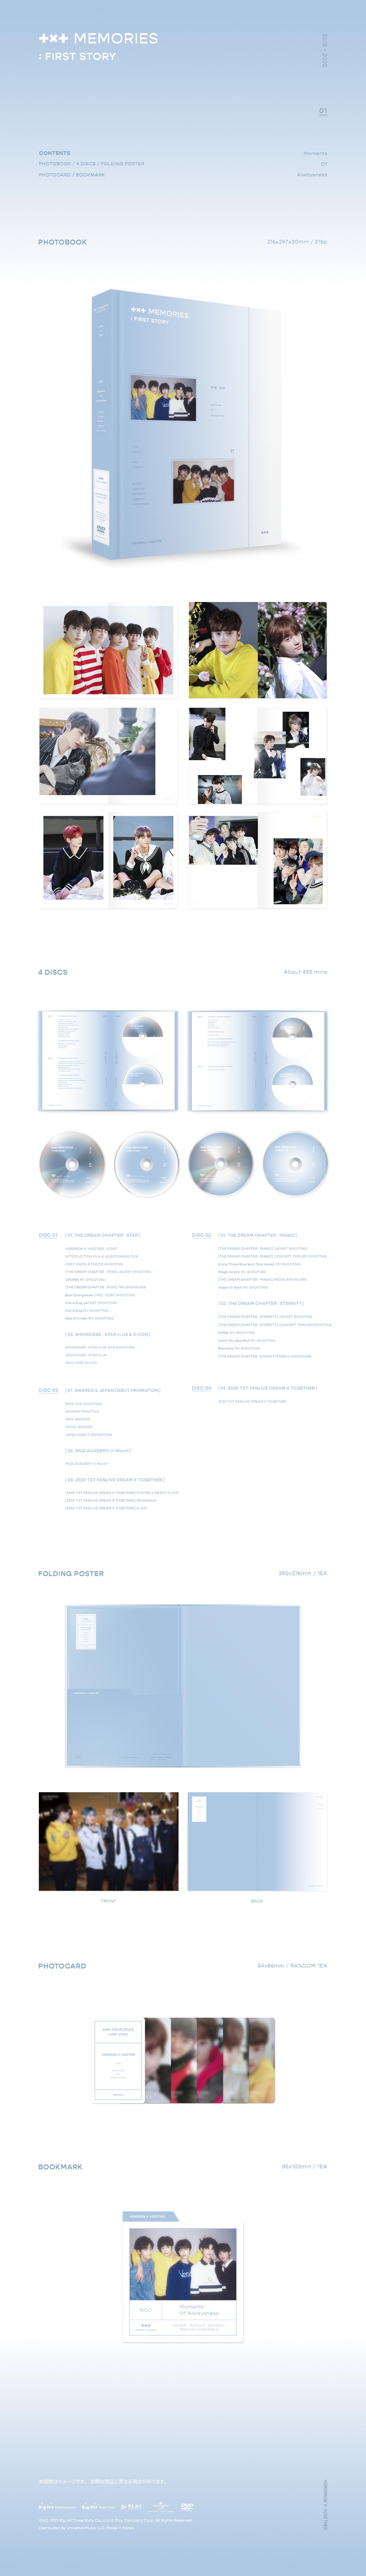 JP_TXT_MEMORIES_DVD_pack_FIX